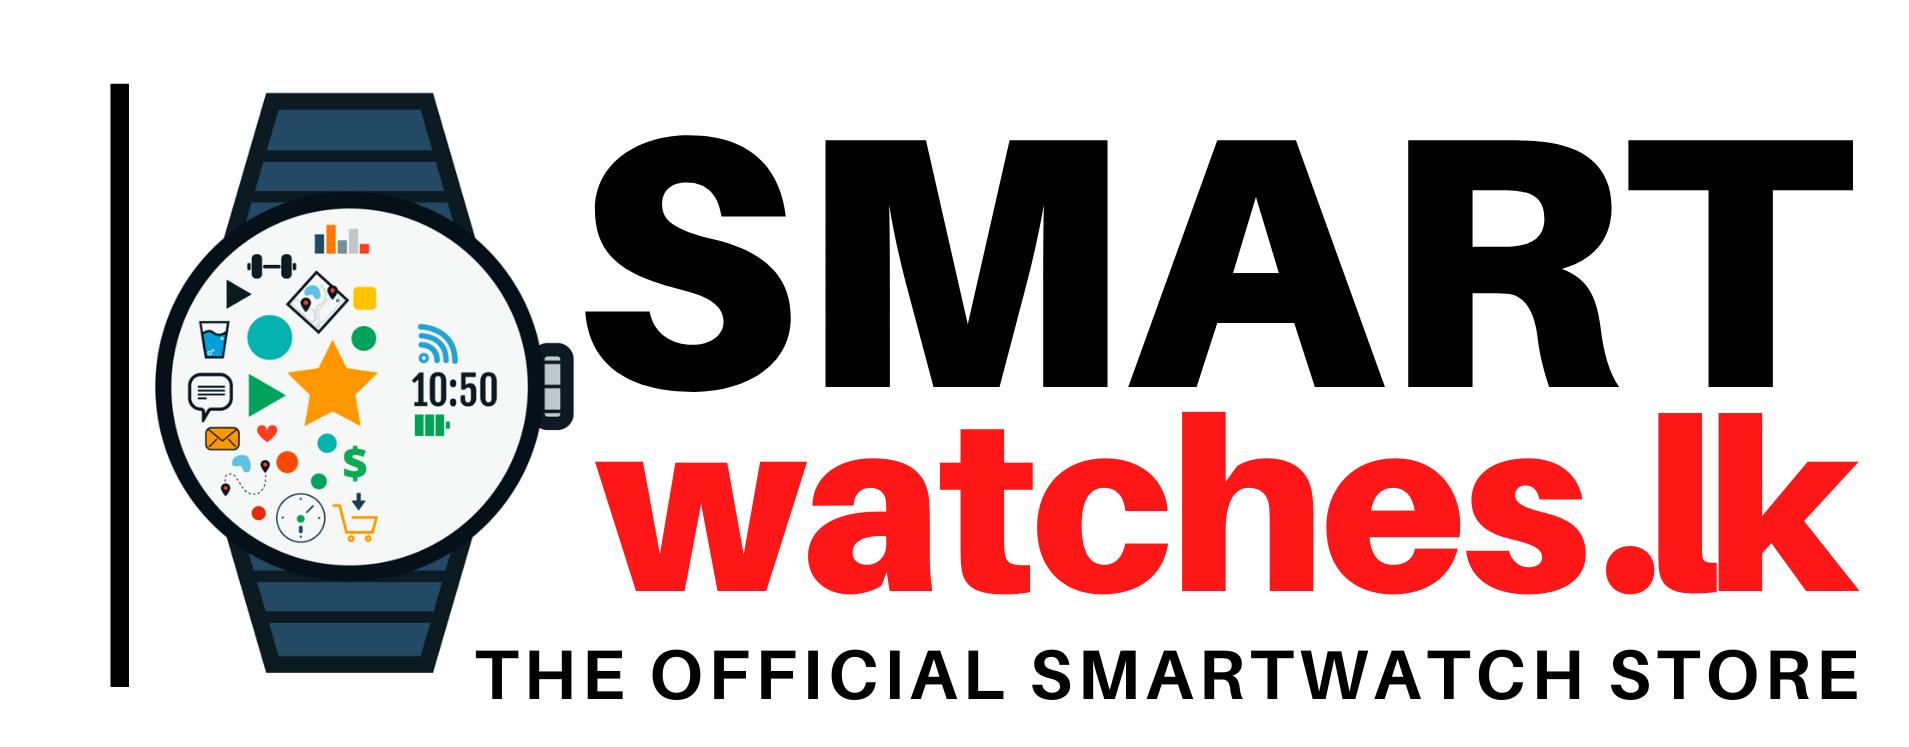 Smartwatches.lk